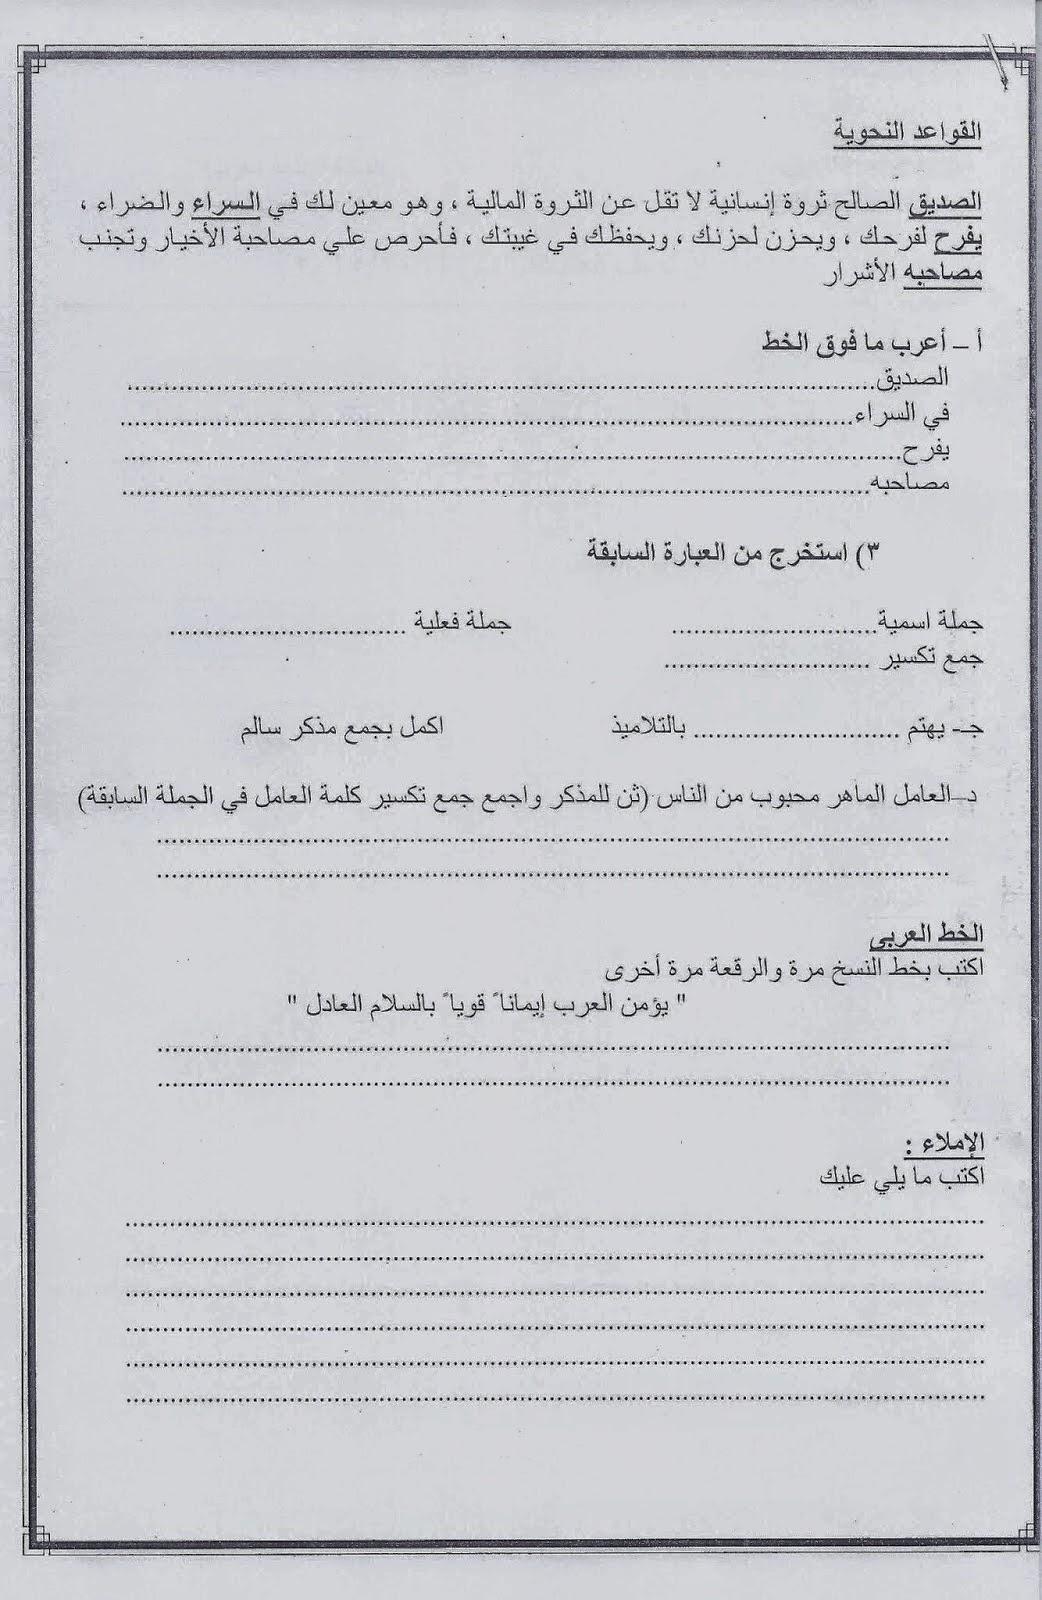 امتحانات كل مواد الصف الخامس الابتدائي الترم الأول 2015 مدارس مصر حكومى و لغات scan0098.jpg